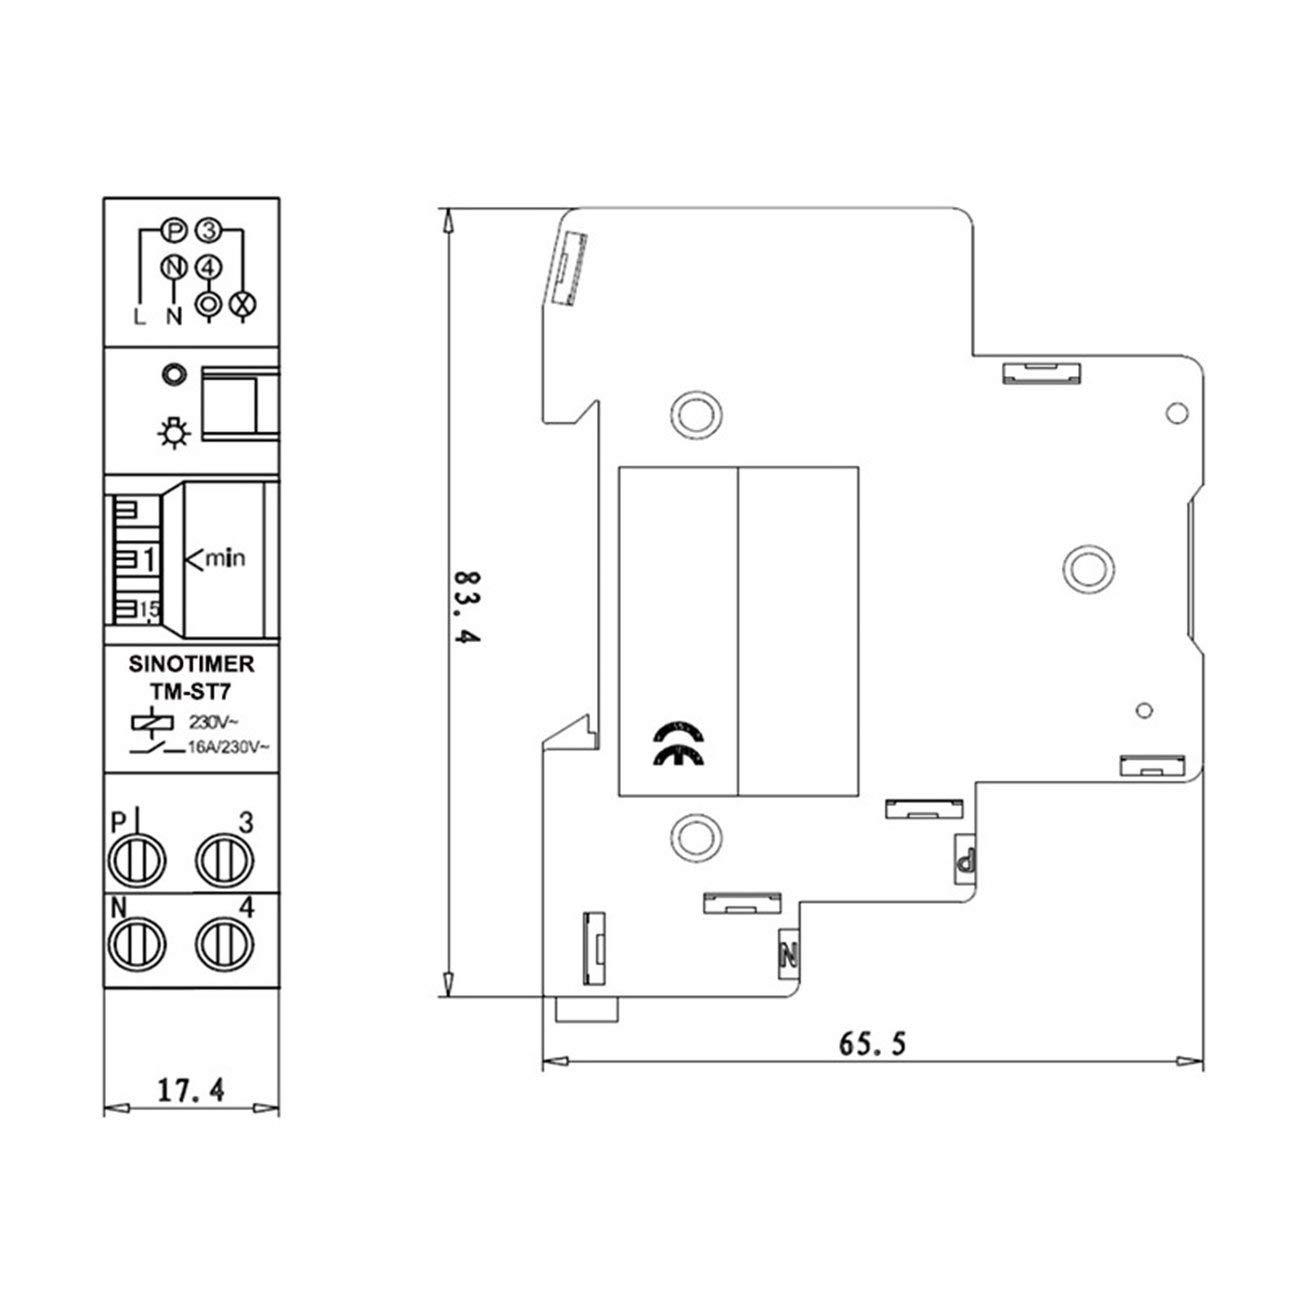 Blanco JIUY SINOTIMER TM-ST7 Temporizador 220 7 Minutos mec/ánica 18mm /único m/ódulo para Carril DIN Escalera Temporizador de Tiempo Cambia de Instrumento